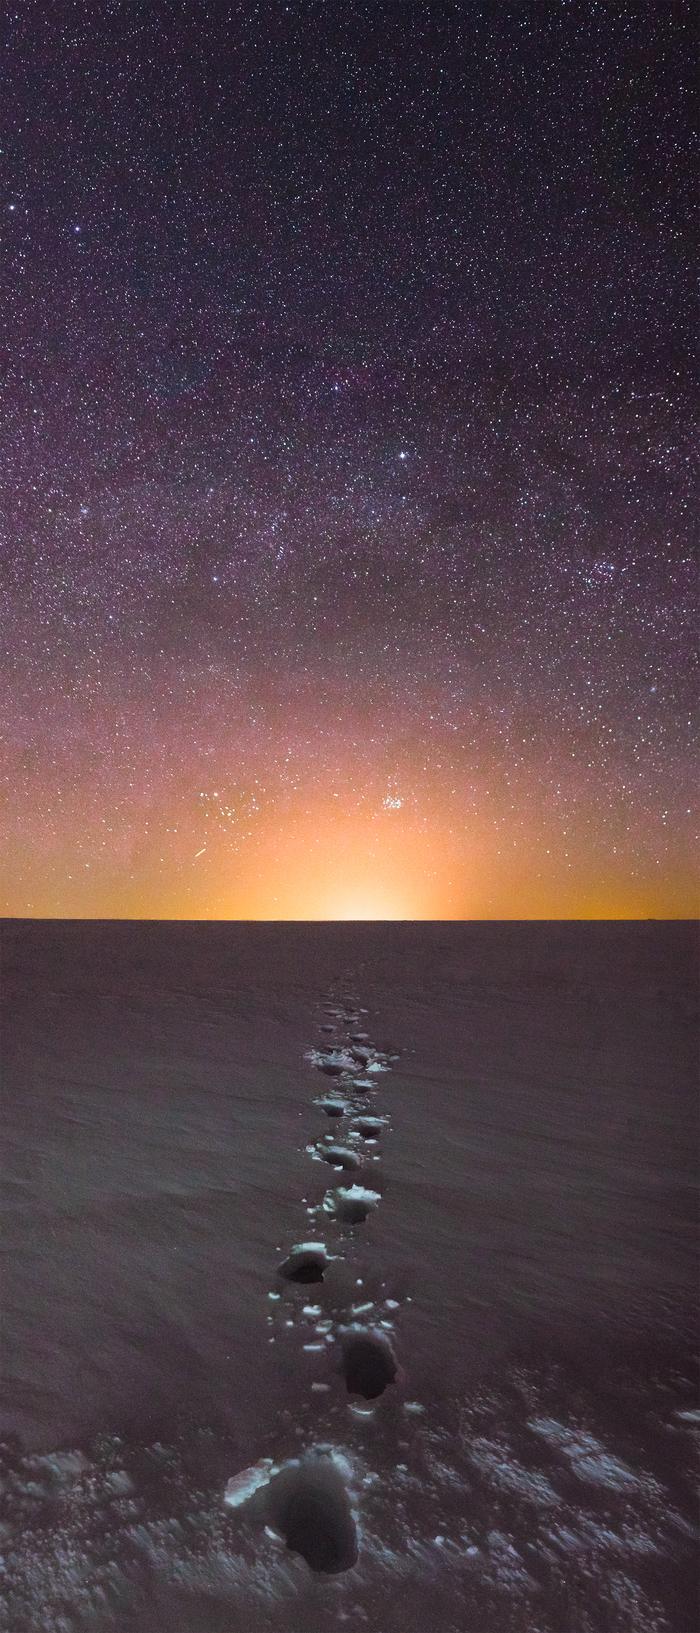 Звёздное небо и космос в картинках - Страница 13 1552158999152399248